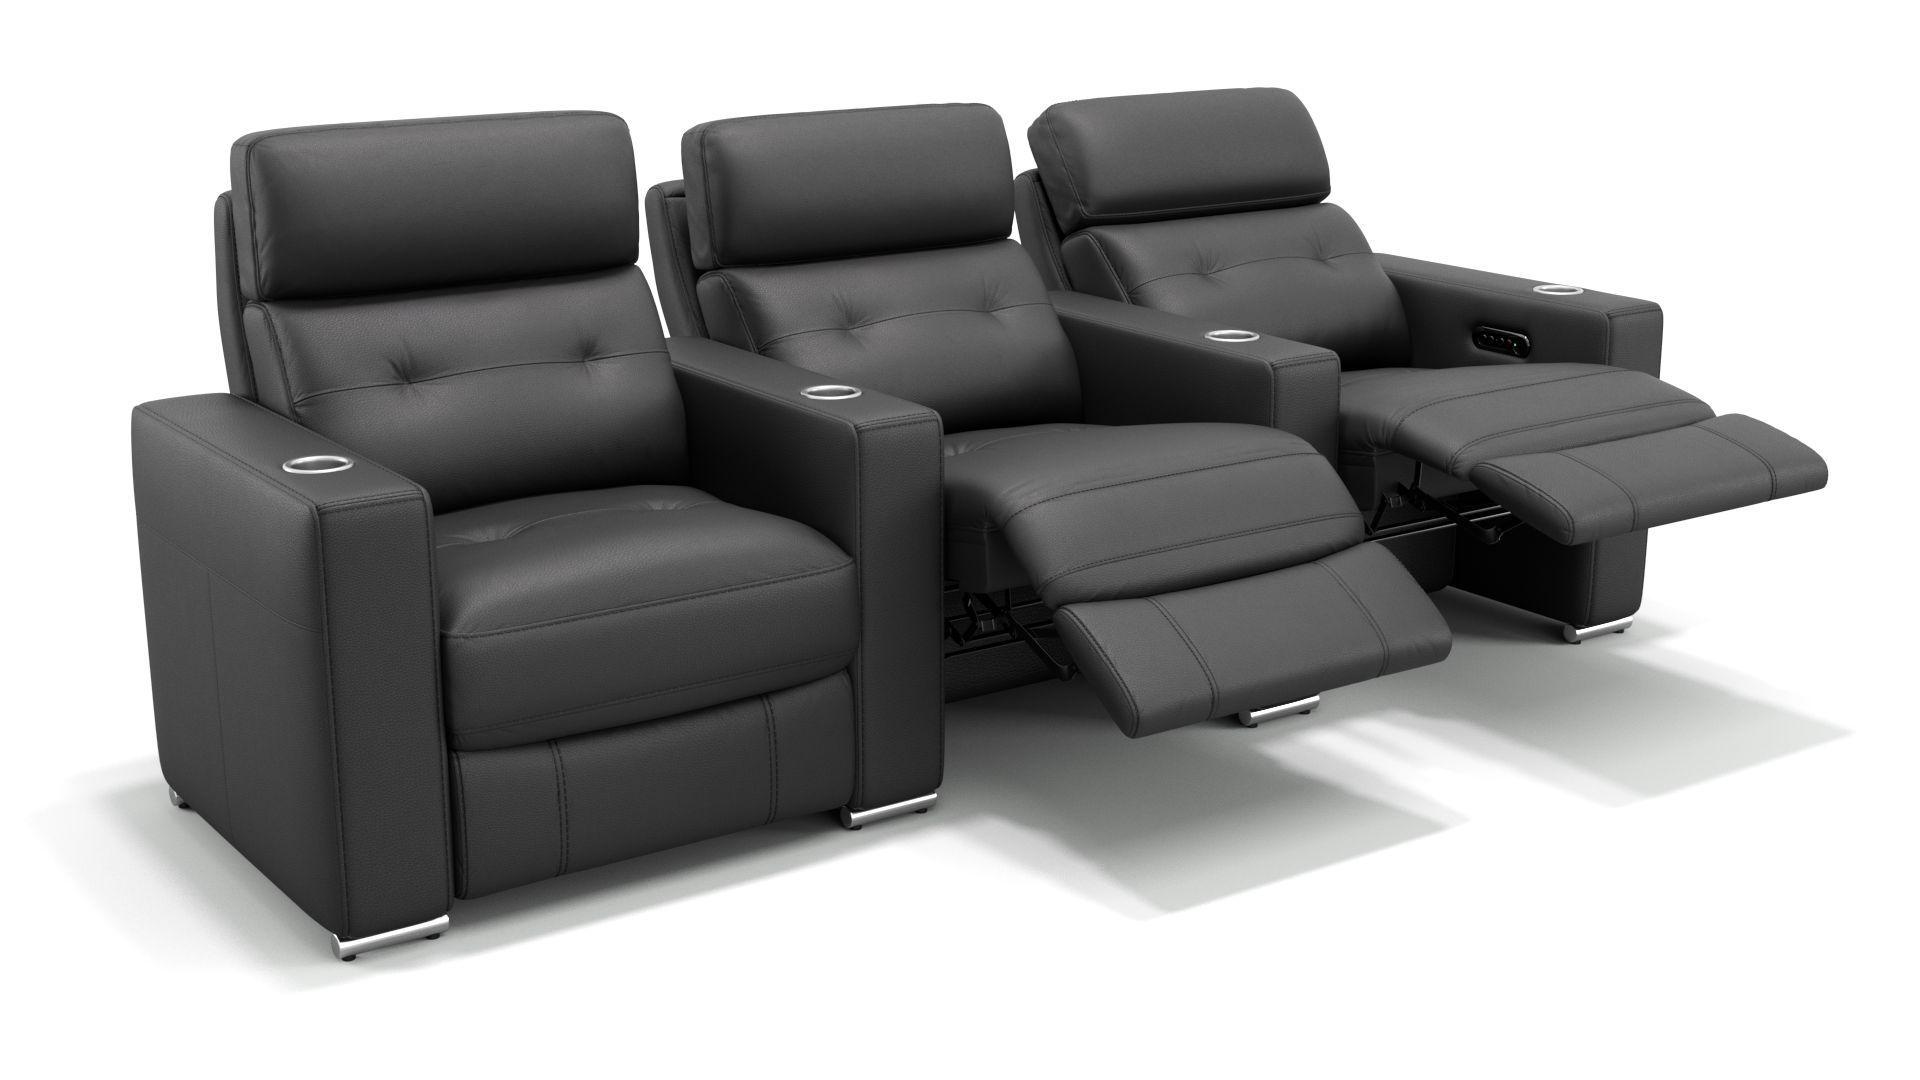 Leder 3-Sitzer Kinosofa mit zwei Mittelkonsolen MATERA